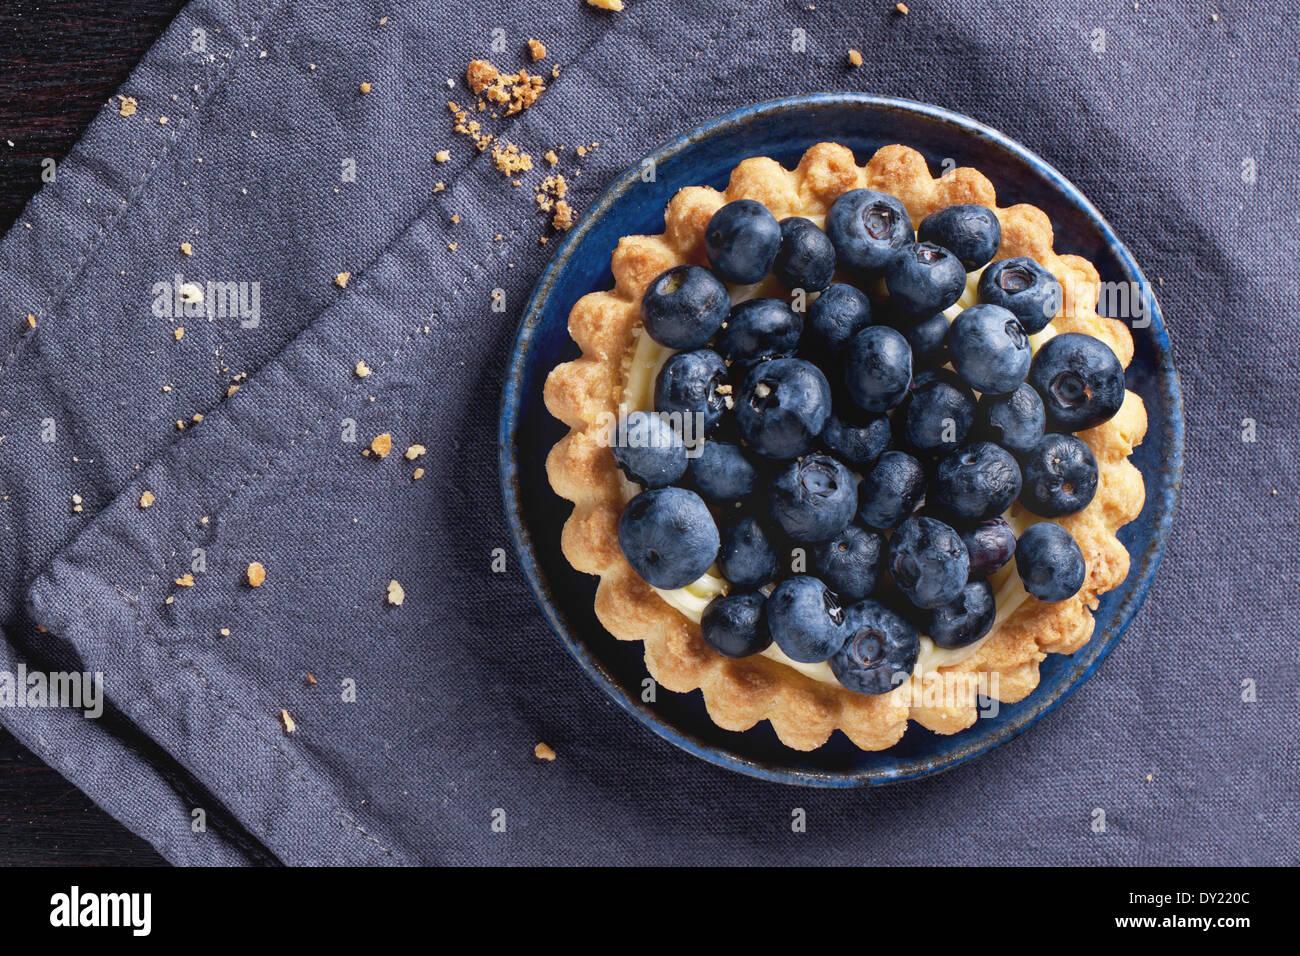 Vista dall'alto sulla crostata di mirtilli servite su blu piastra ceramica su tovagliolo tessili. Immagini Stock